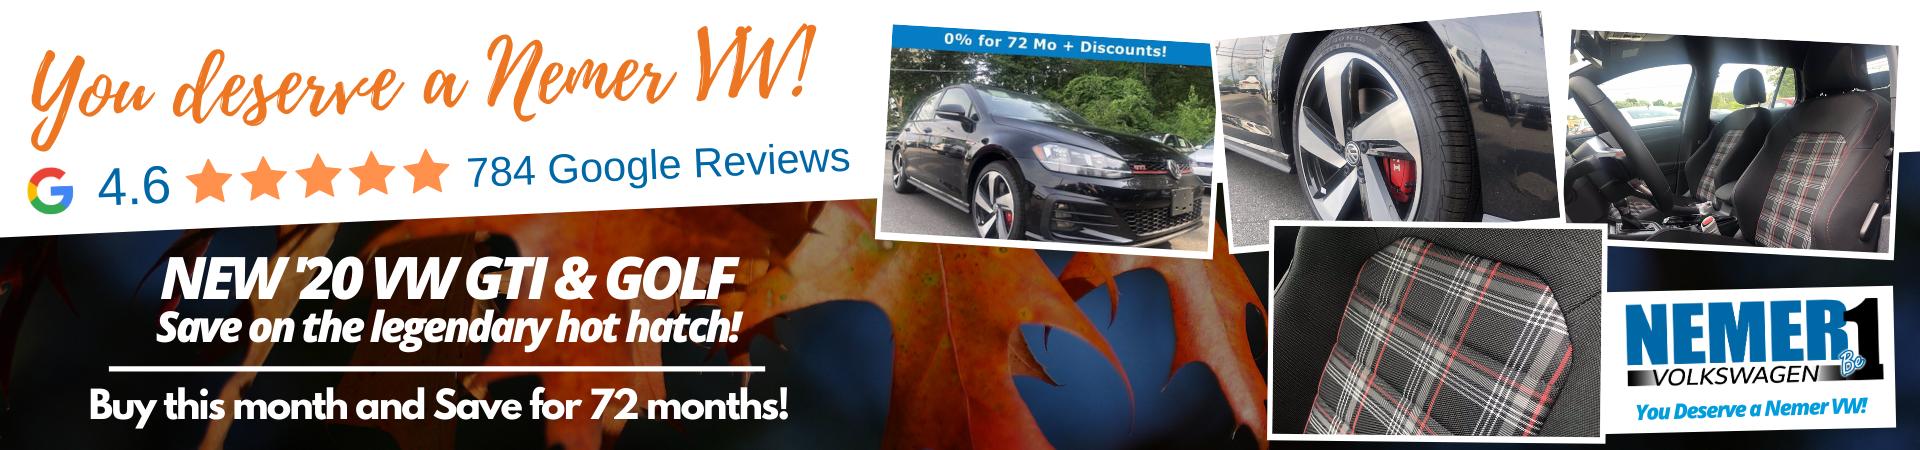 September Nemer VW GTI Golf 0% Offer